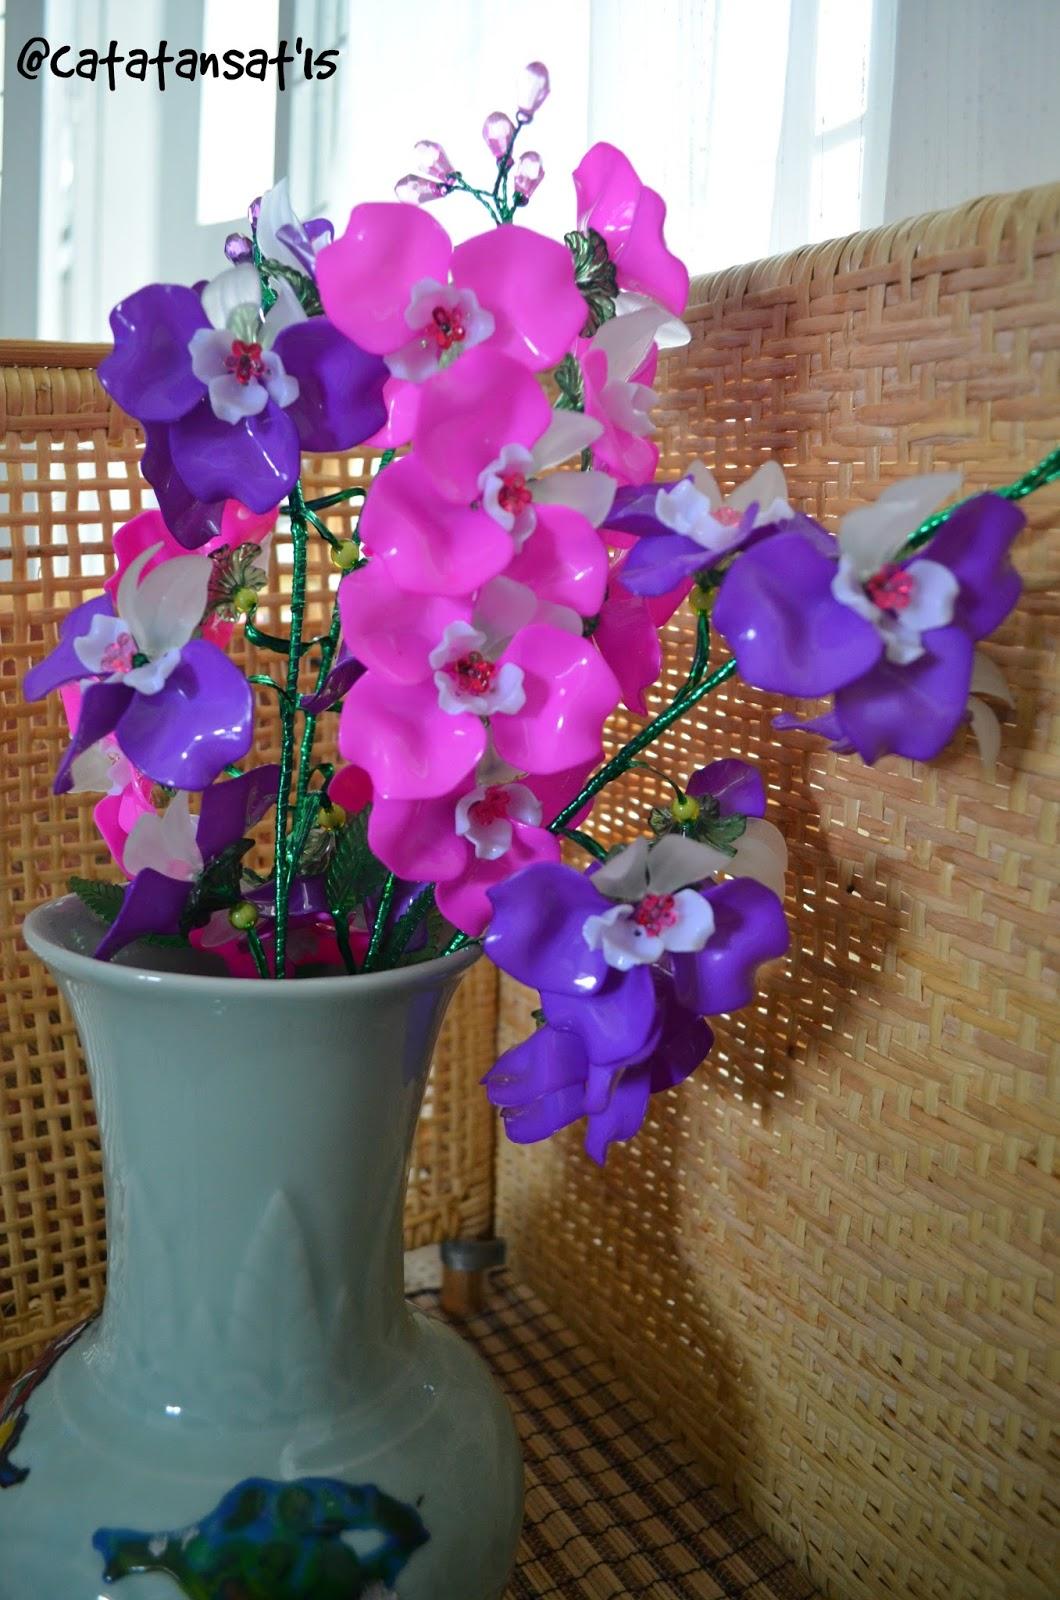 Catatan Sat Merangkai Bunga Akrilik